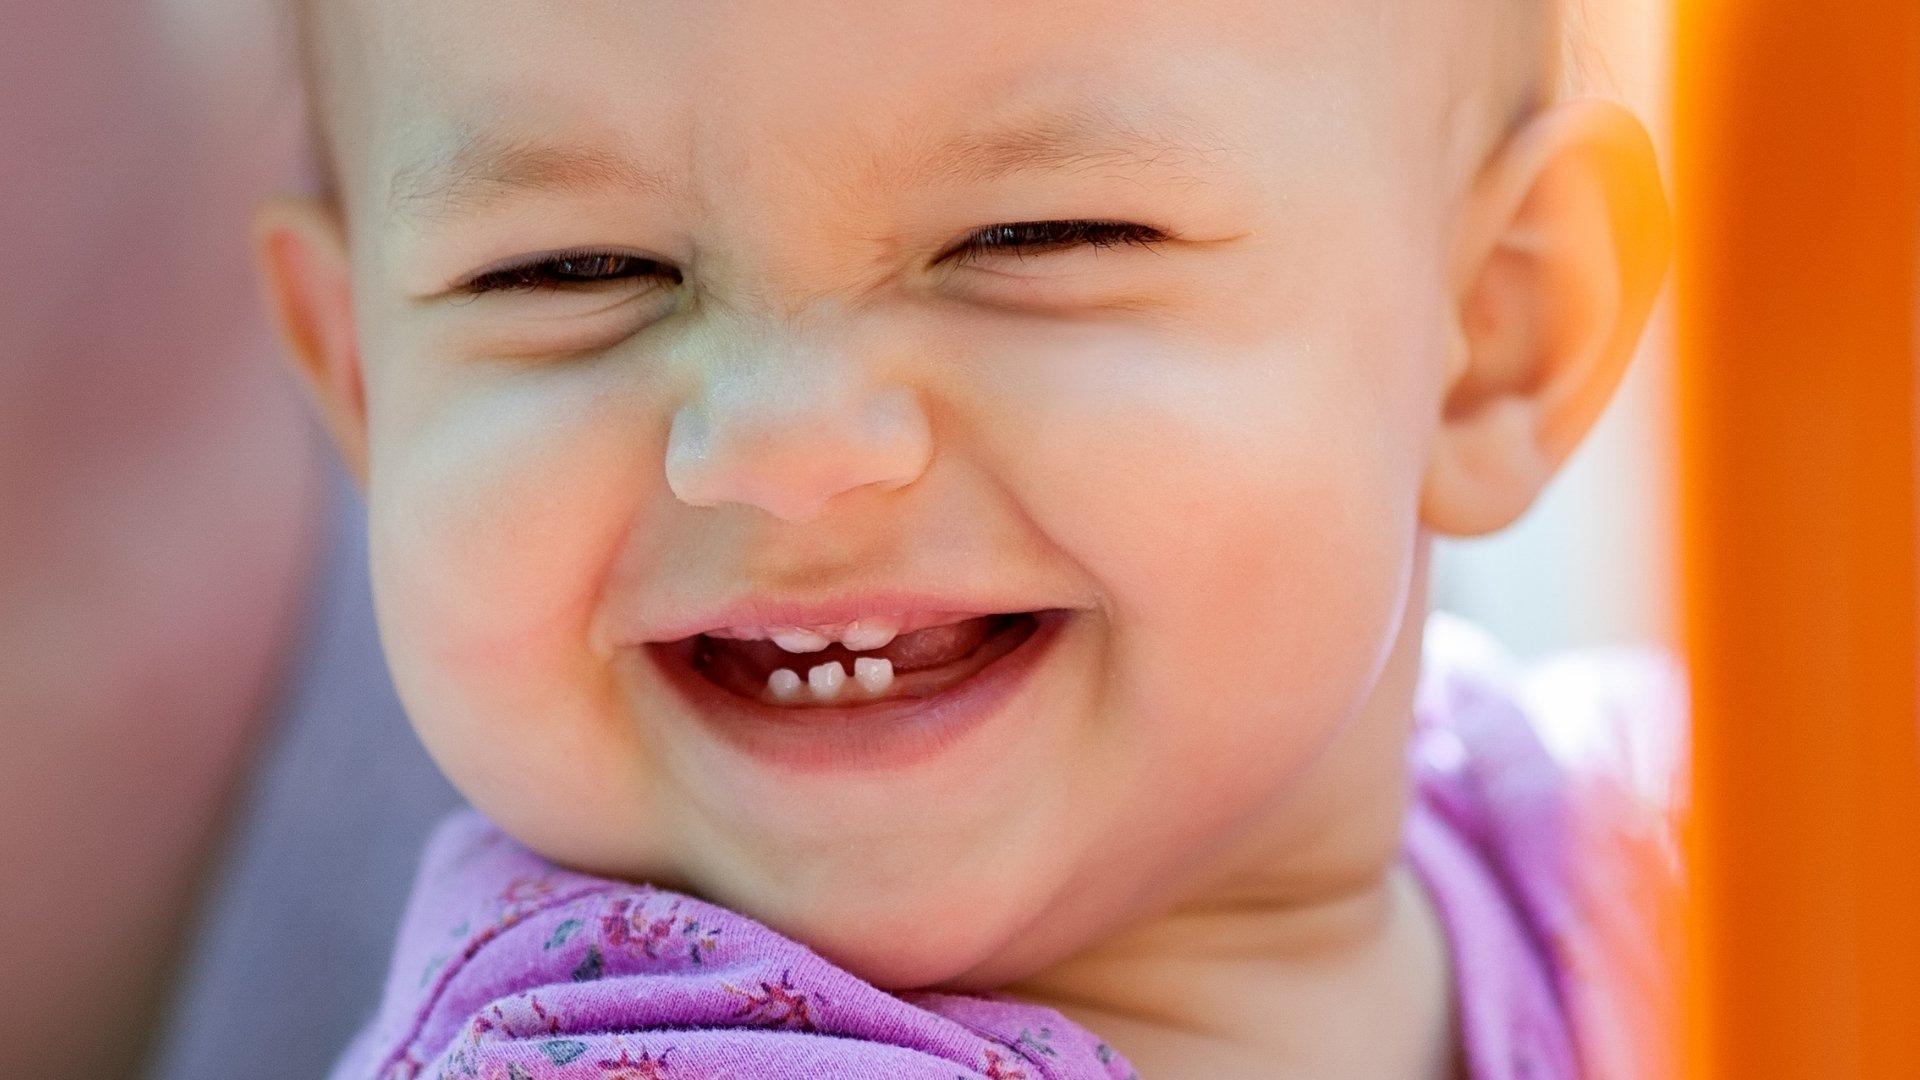 Objawy ząbkowania u niemowląt